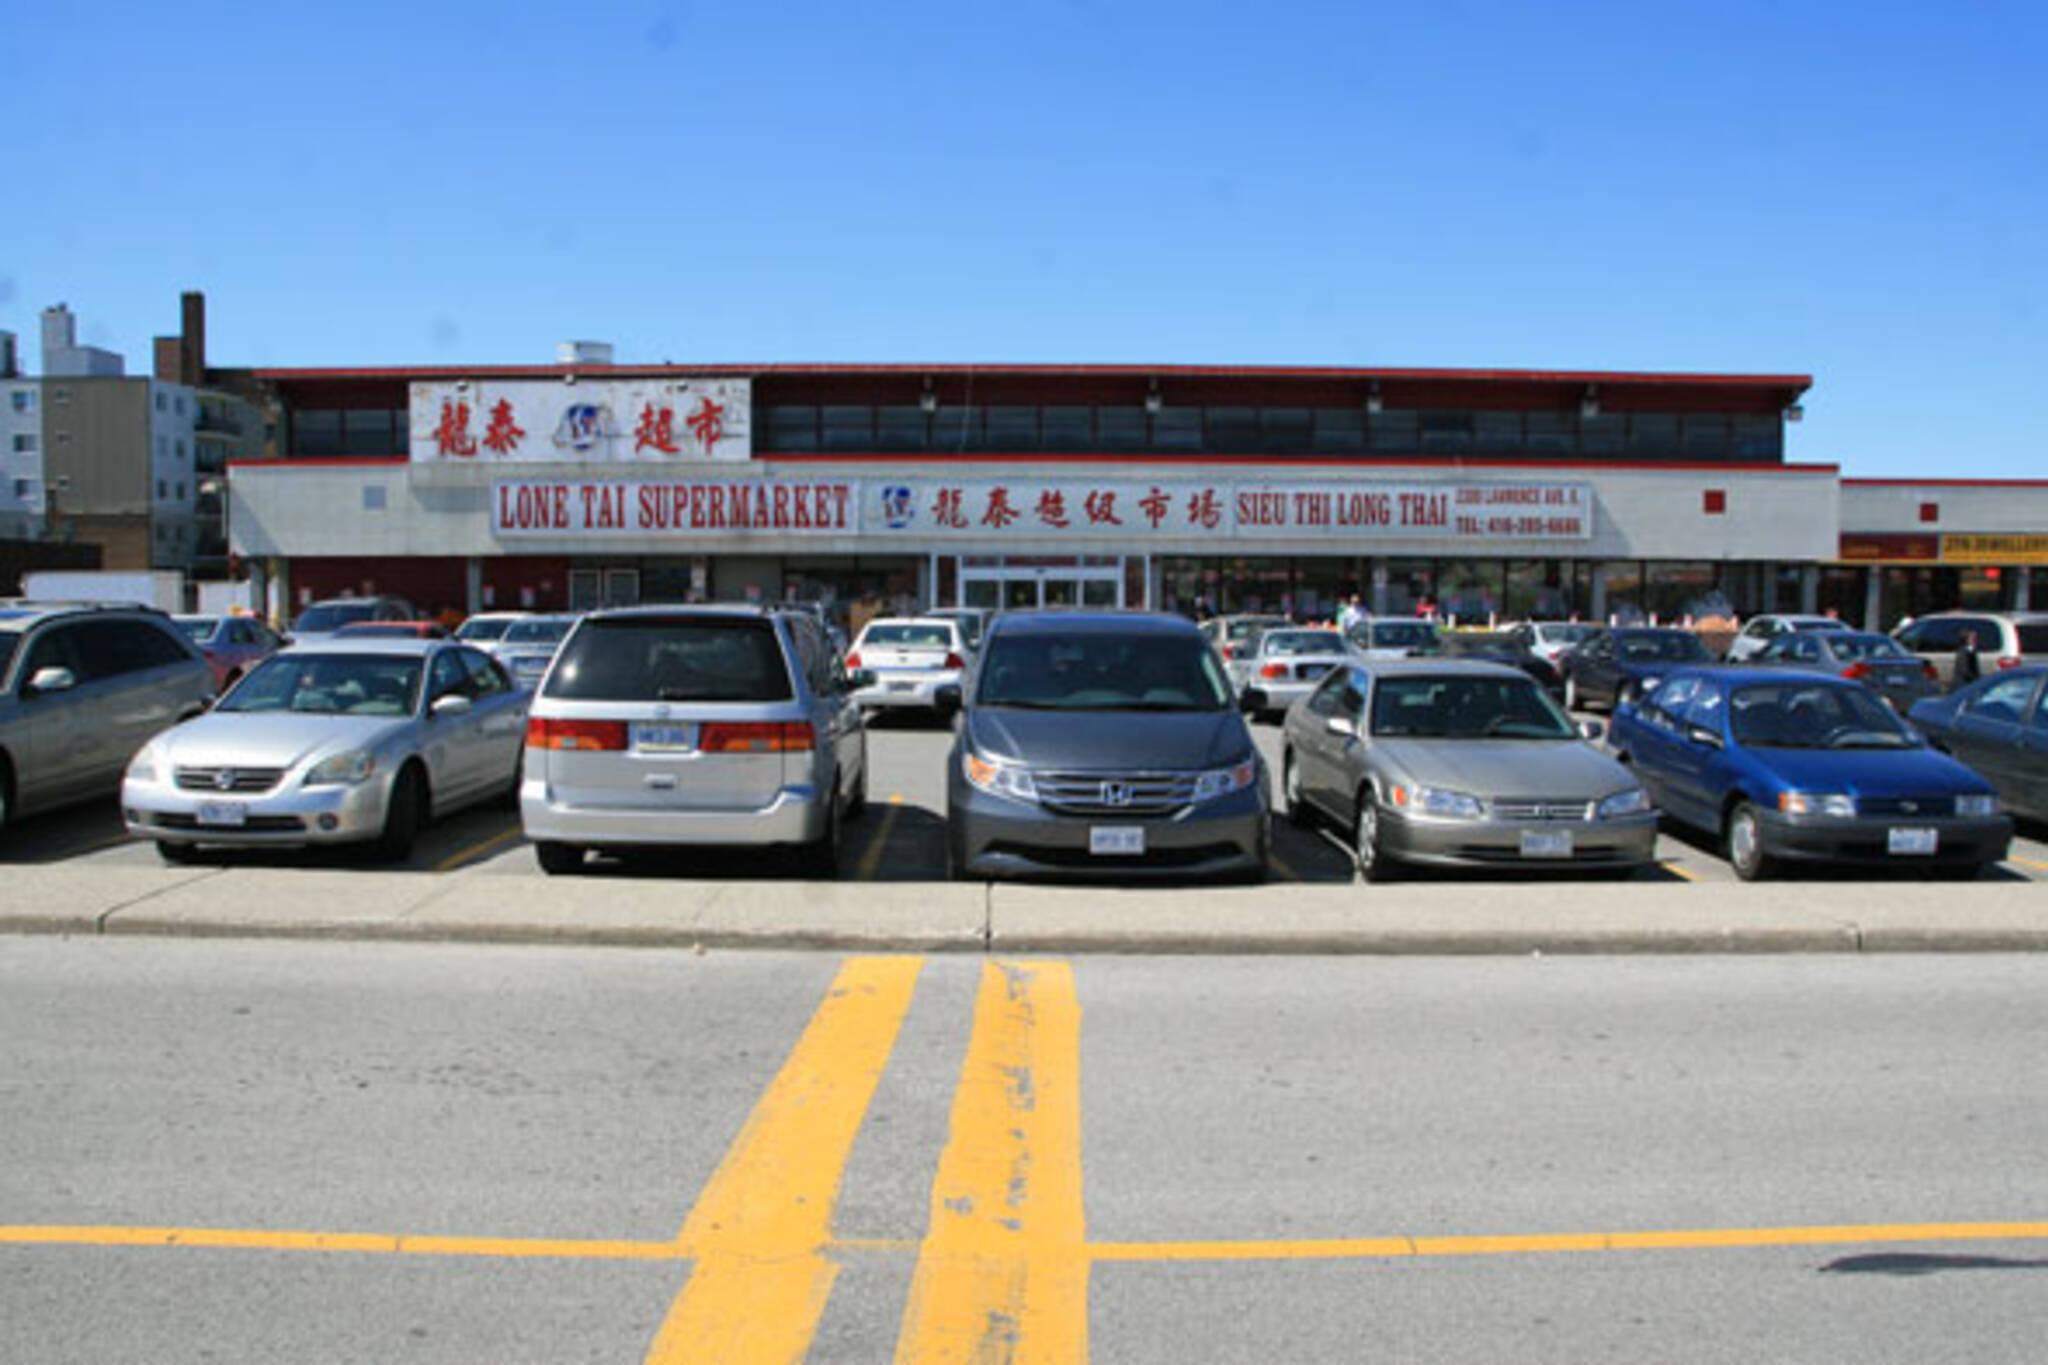 Lone Tai Supermarket